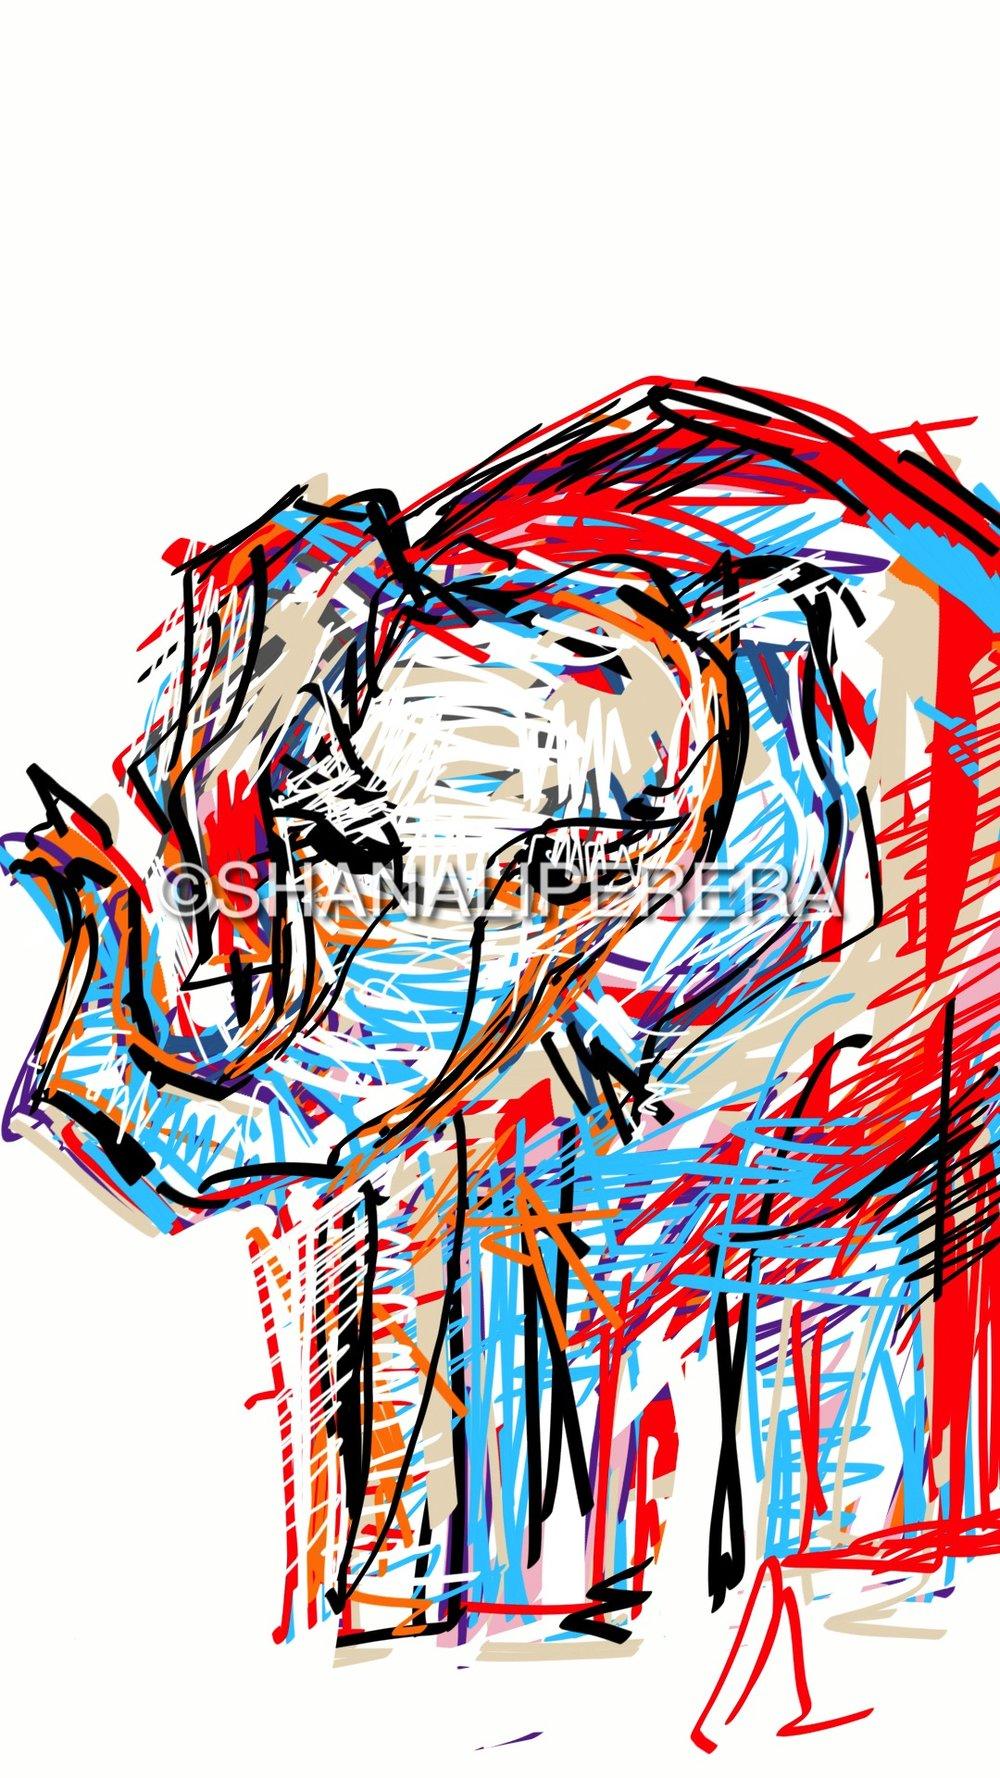 sketch-1488304385454.jpg